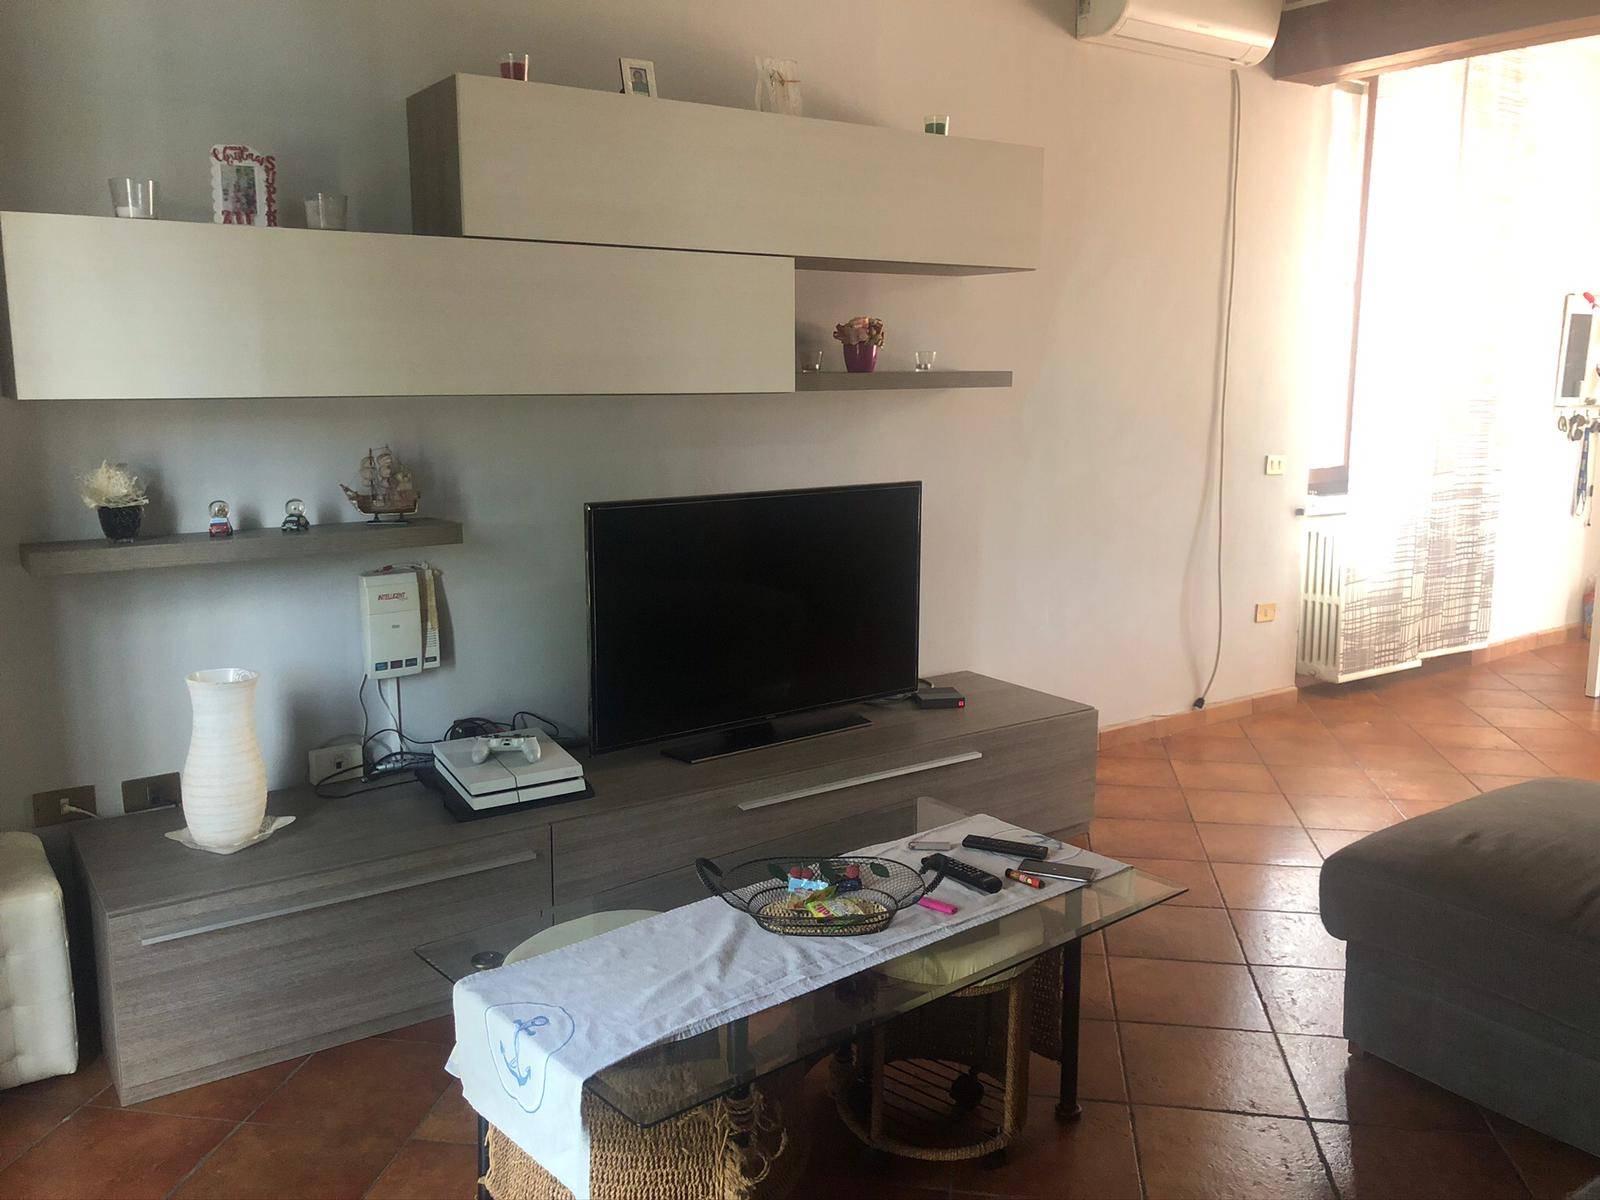 Appartamento in vendita a Mortara, 3 locali, prezzo € 110.000 | CambioCasa.it